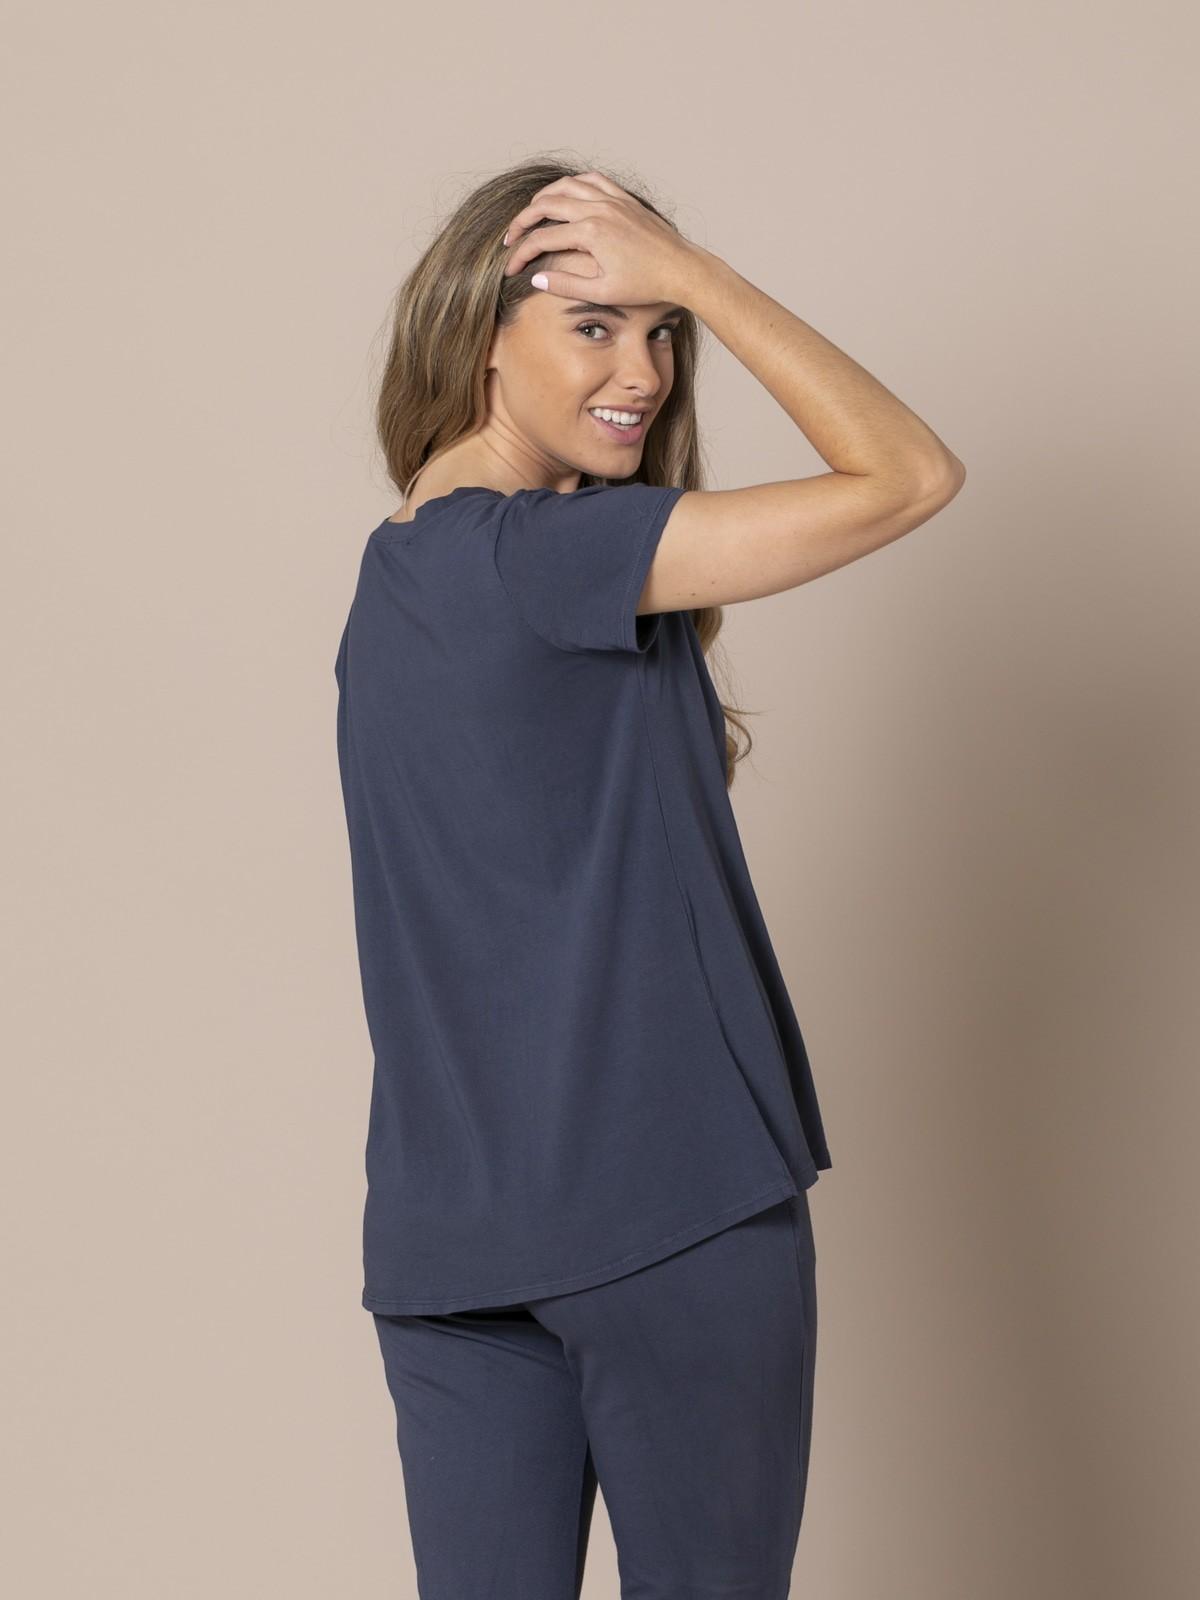 Camiseta mujer Ecofriendly Azul Marino